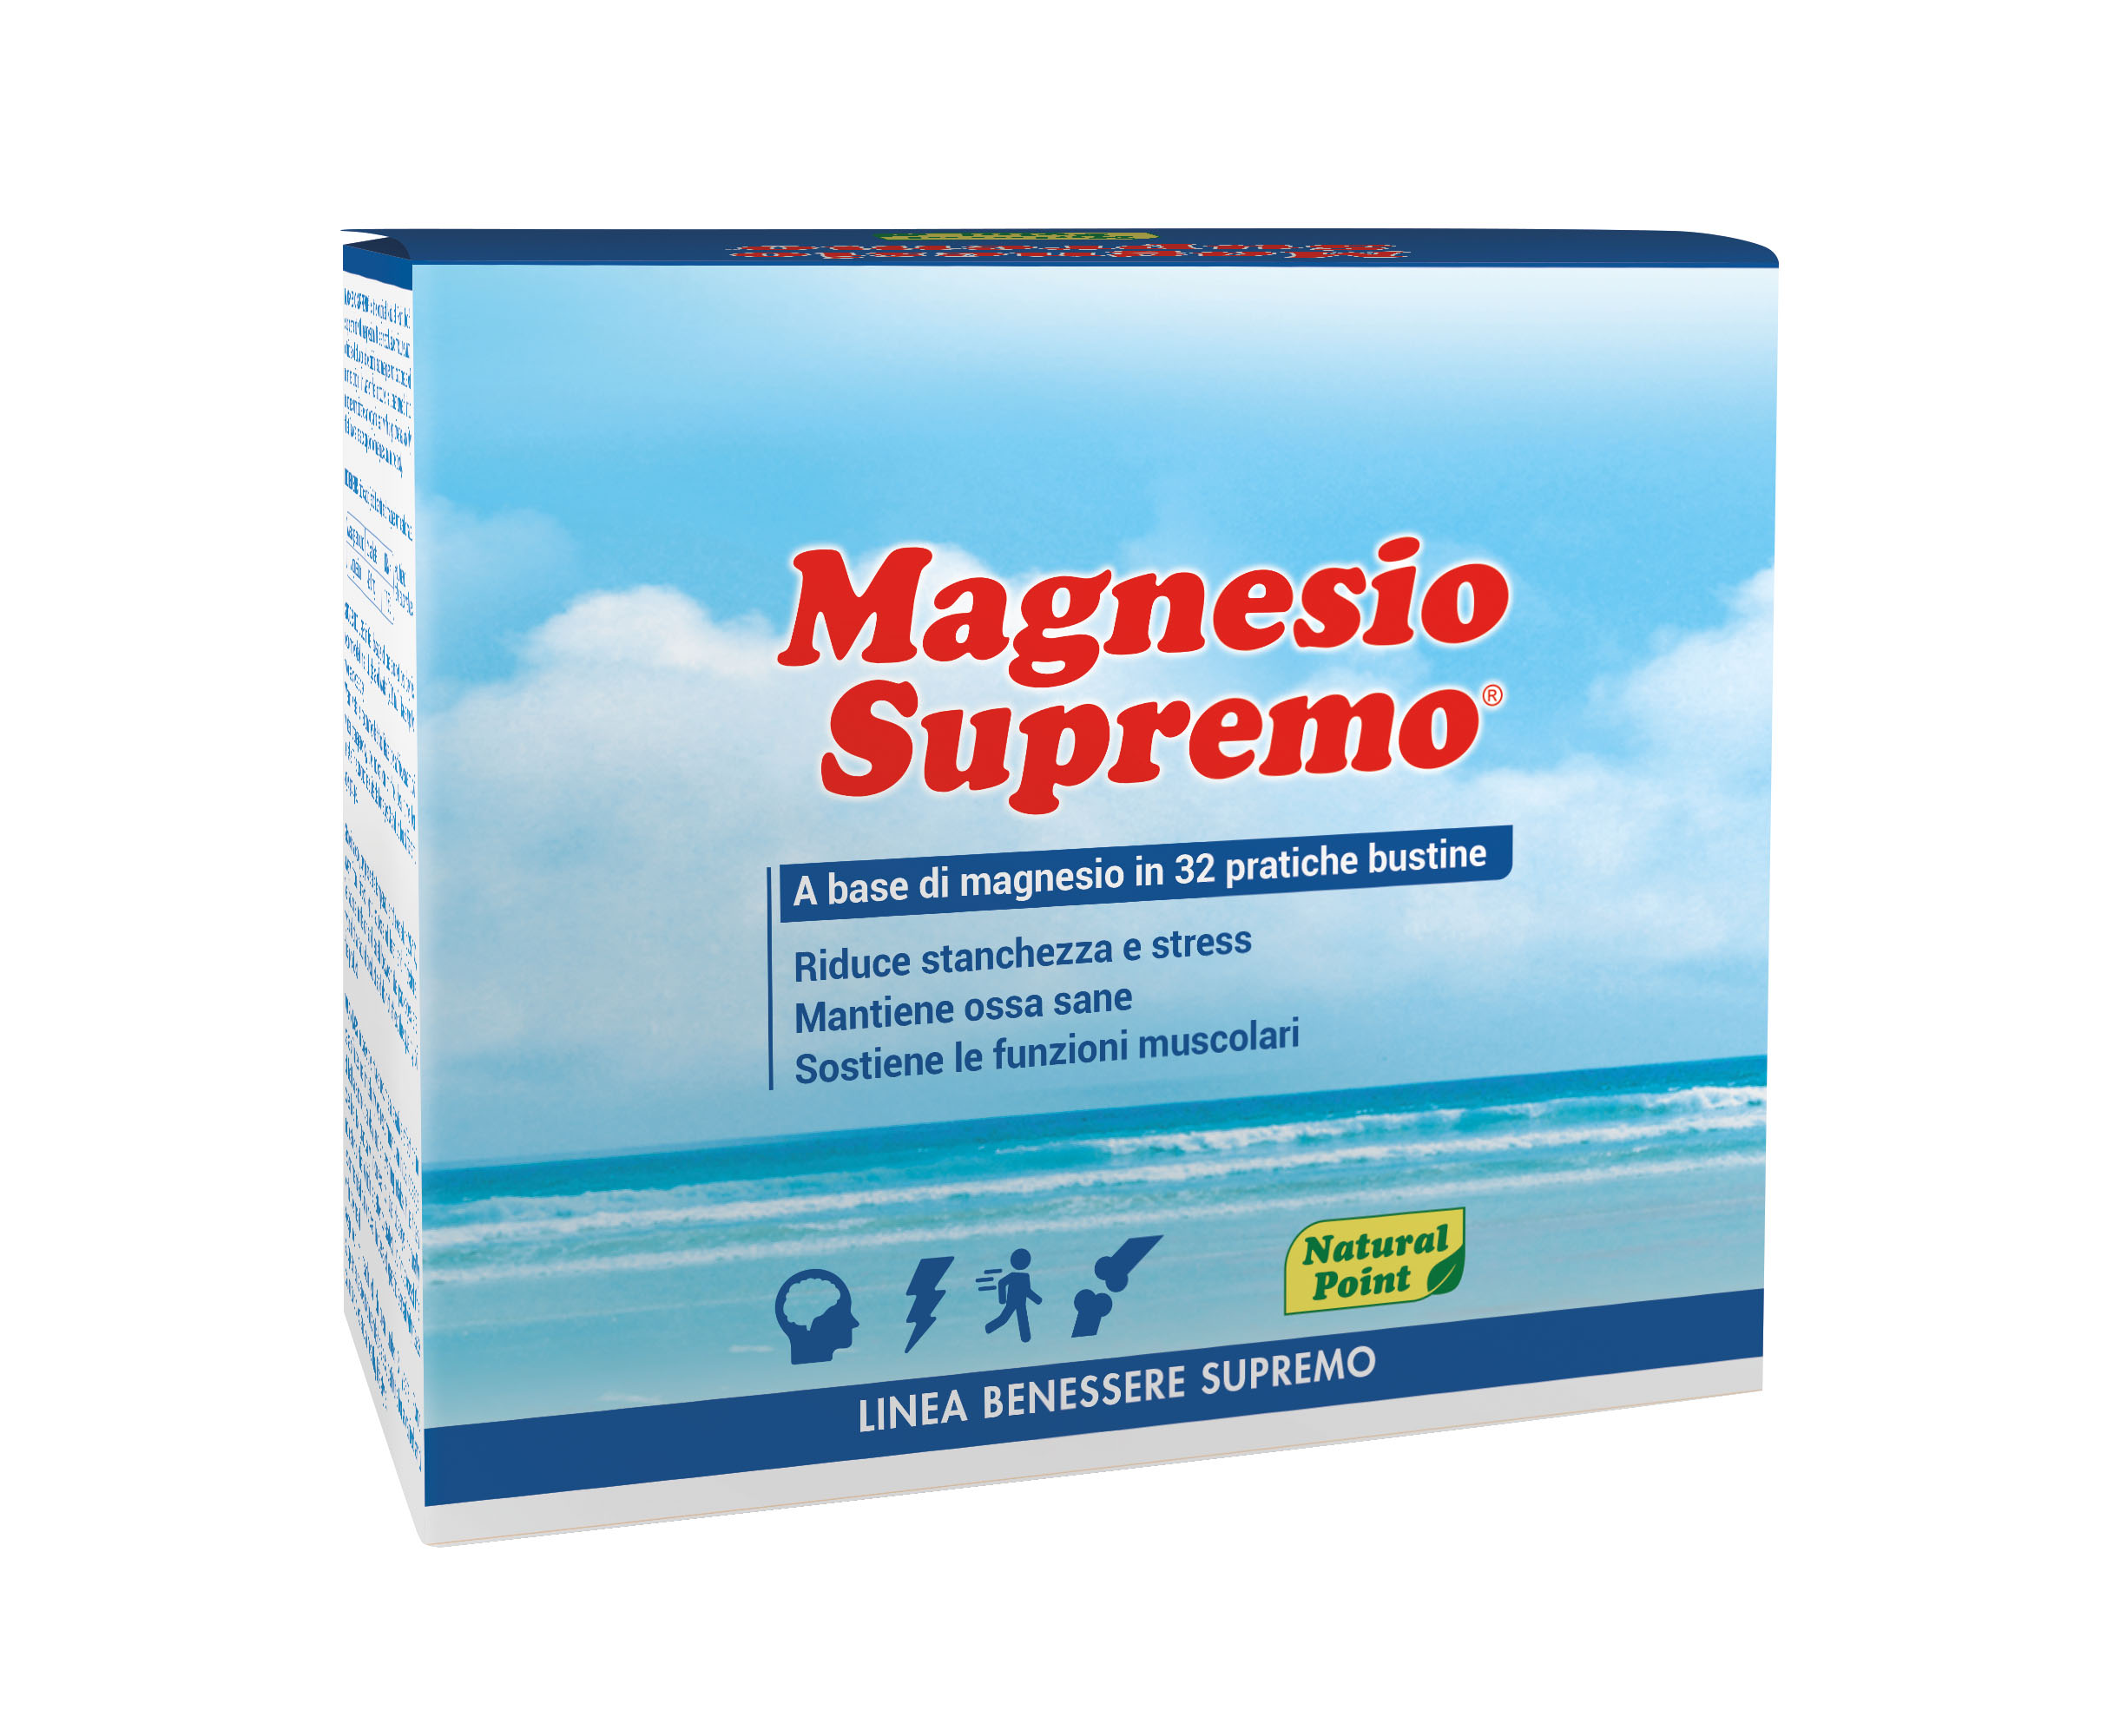 Magnesio Supremo Linea Benessere Supremo Natural Point 32 Bustine